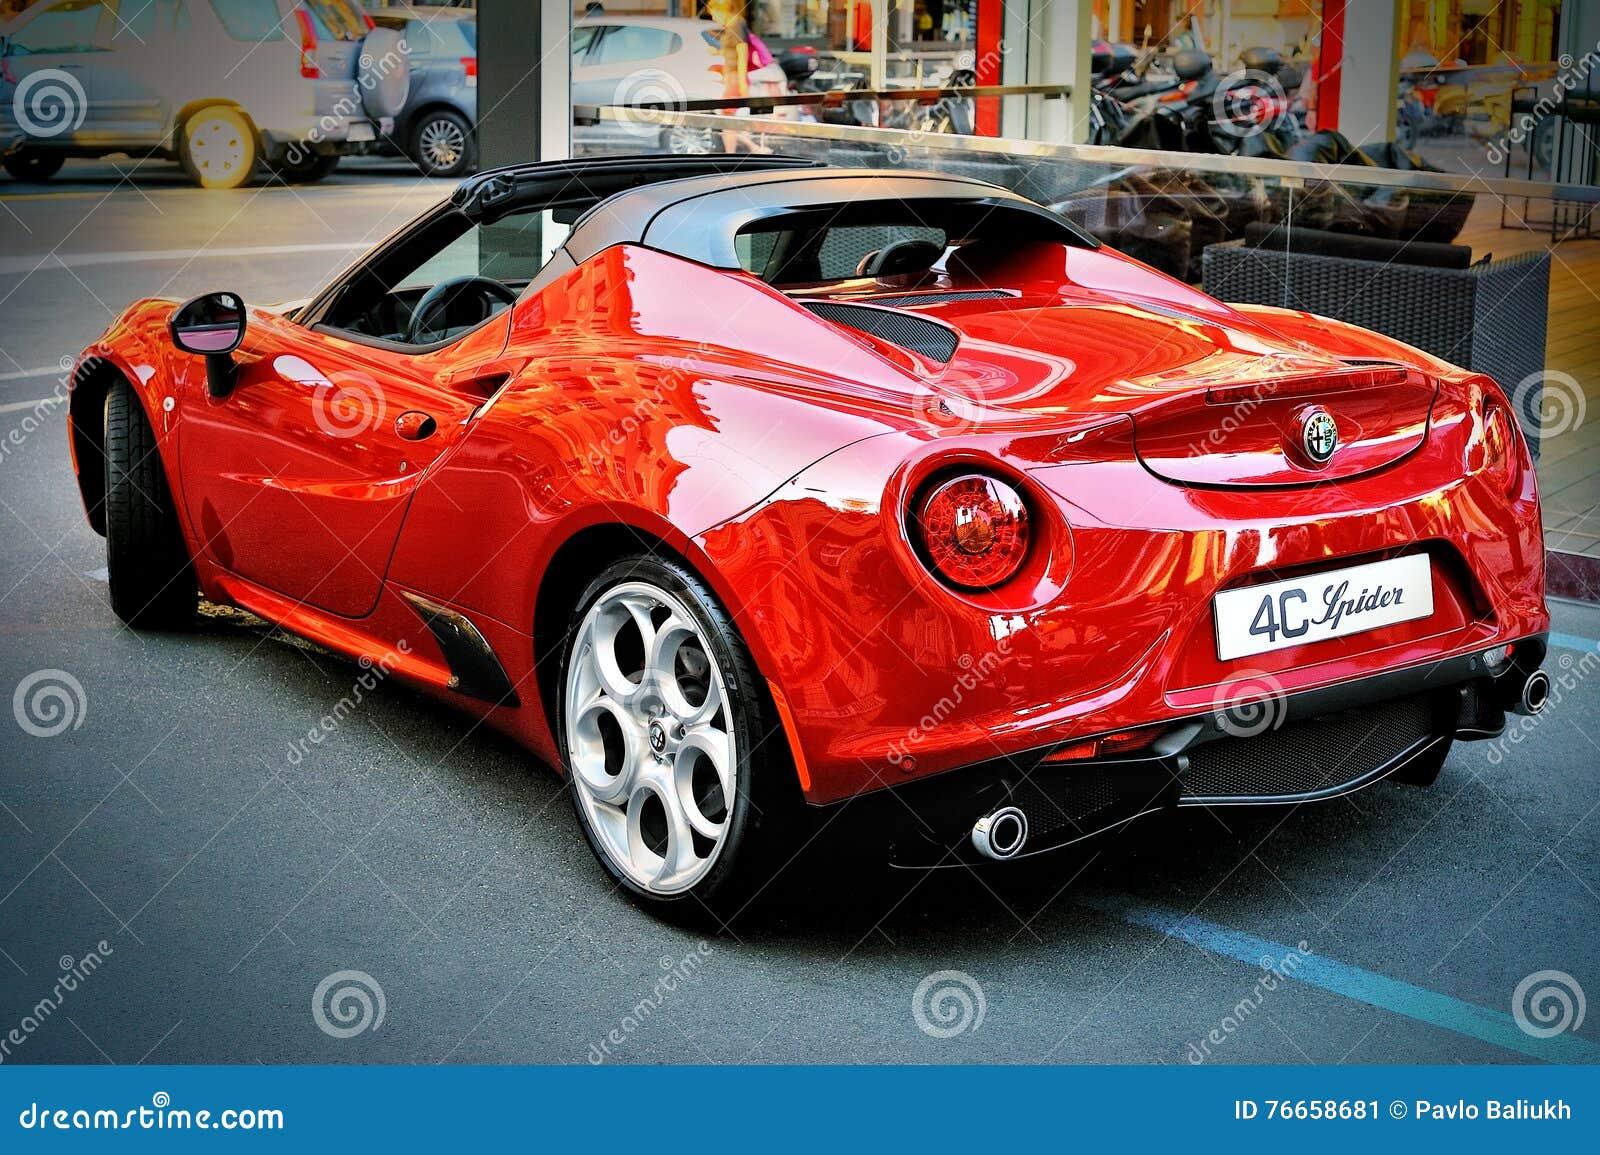 Aranha De Alfa Romeo 4c Na Excursao 2016 Do Verao Em Santa Margherita Foto Editorial Imagem De Excursao Romeo 76658681